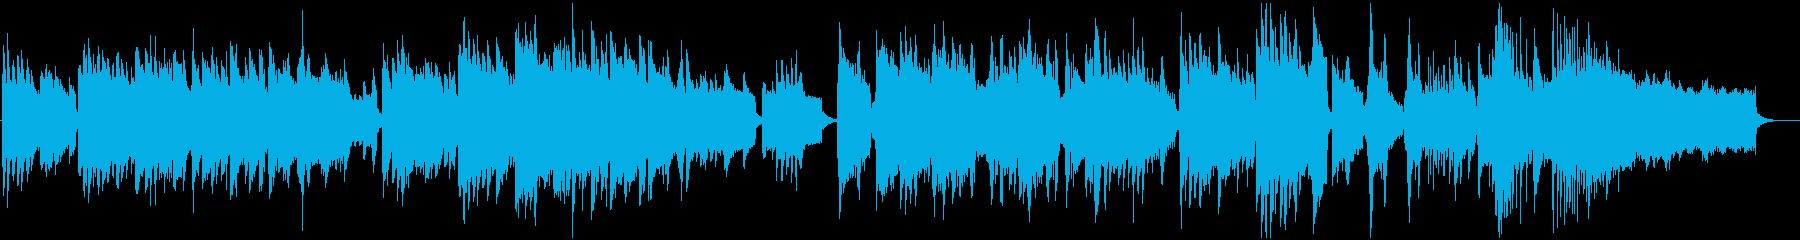 ノスタルジックで少し切ないBGMの再生済みの波形